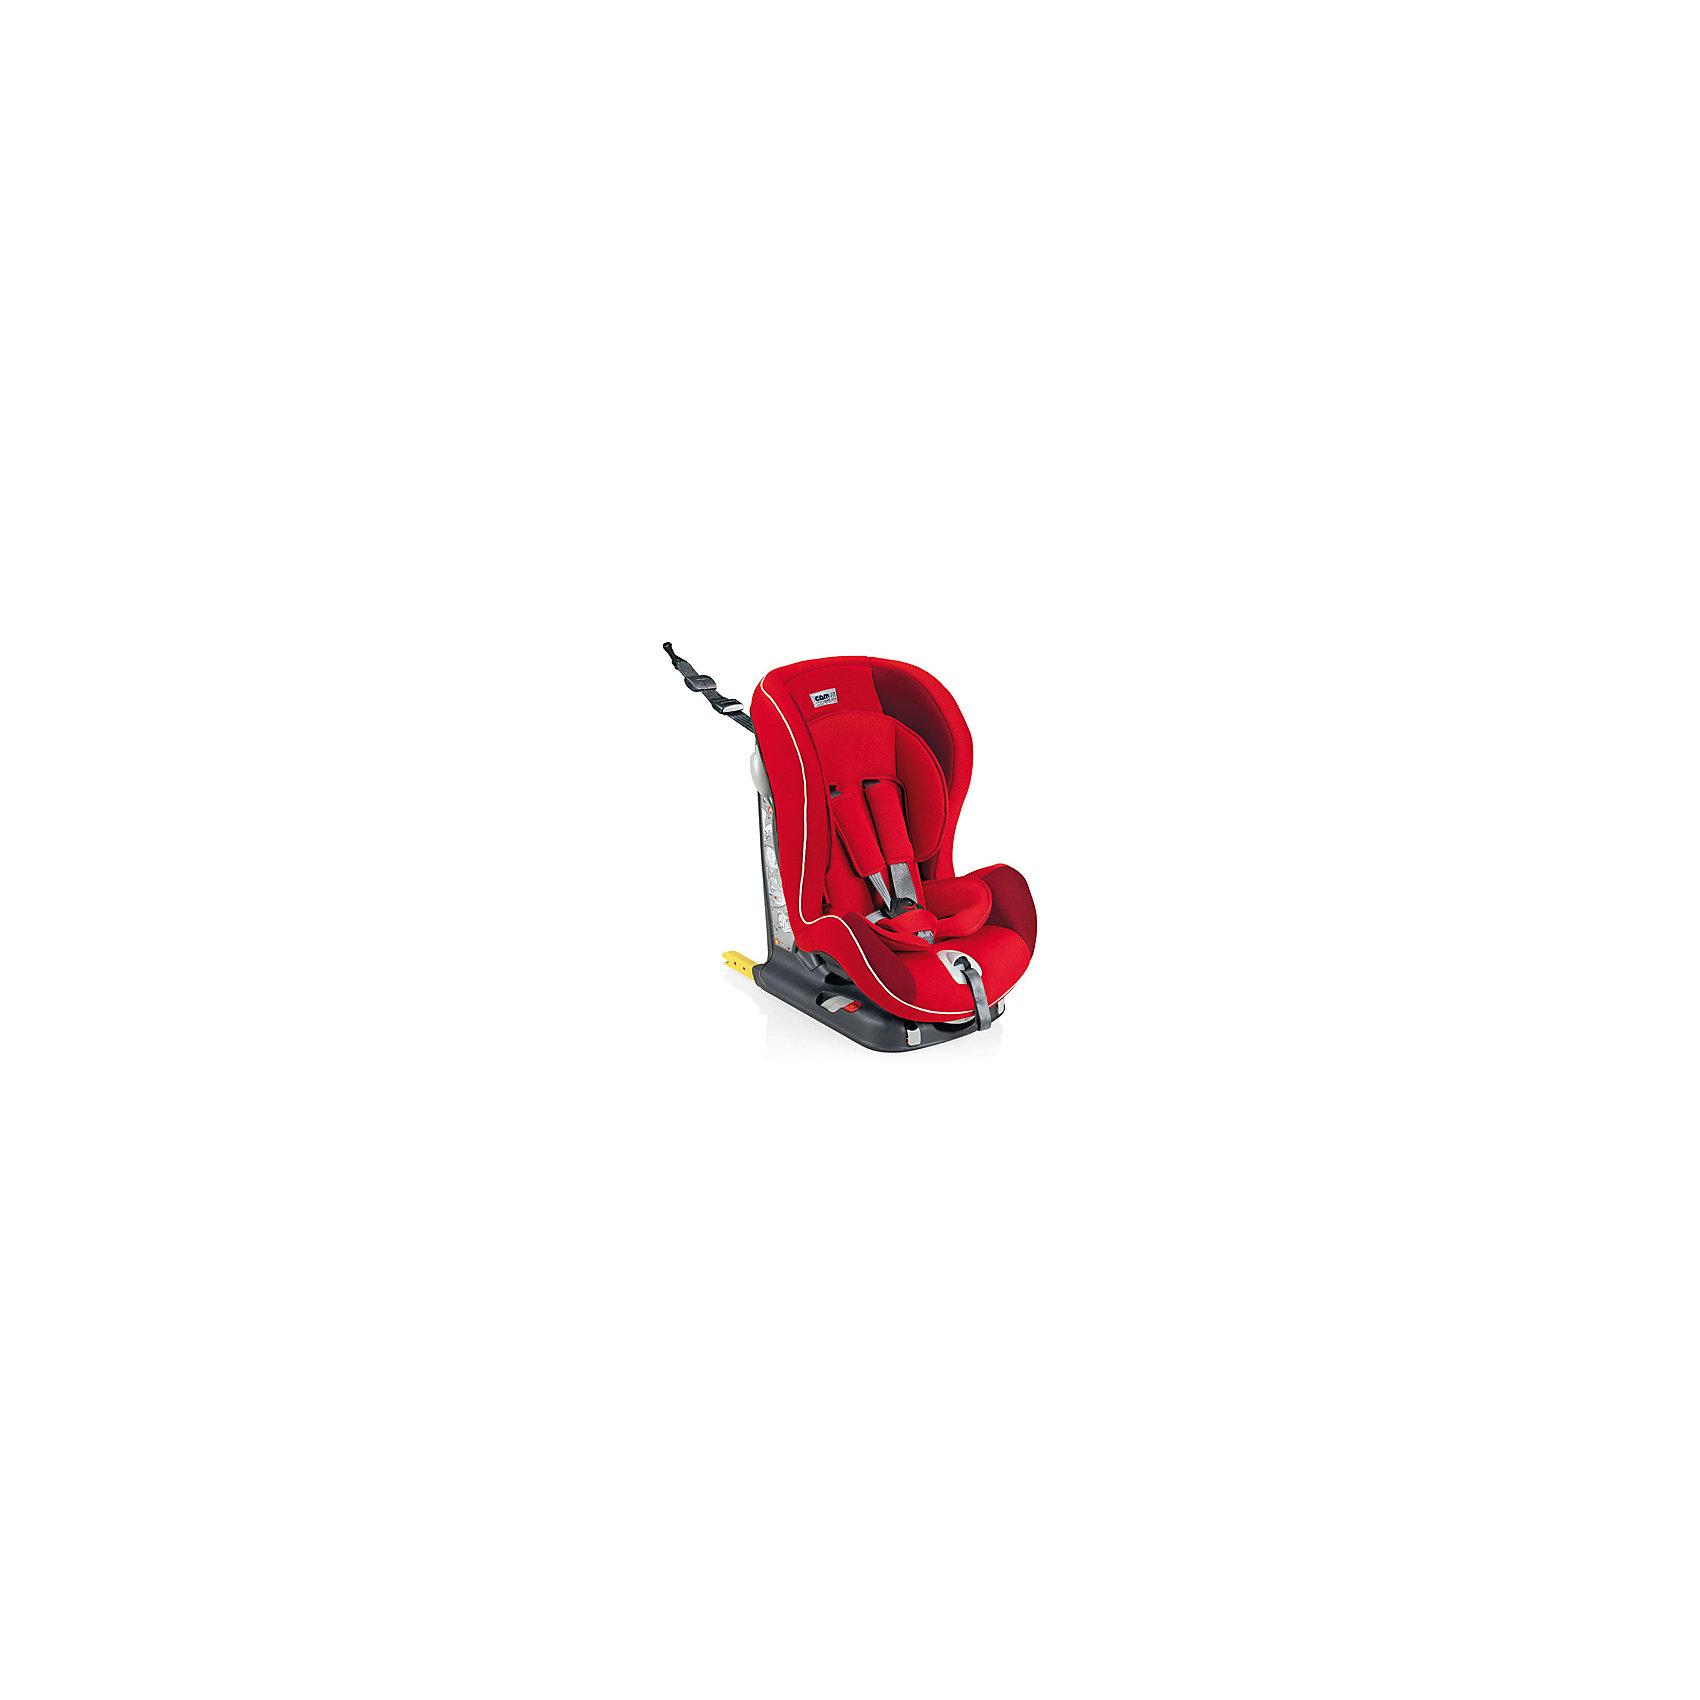 Автокресло Viaggiosicuro Isofix, 9-18кг., CAM, красныйАвтокресло Viaggiosicuro Isofix, CAM - комфортная надежная модель, которая сделает поездку Вашего ребенка приятной и безопасной. Сиденье кресла с анатомическим подголовником обеспечивает комфорт во время длительных поездок. Наклон спинки можно регулировать в 5<br>положениях, что позволяет выбрать наиболее удобное для ребенка. Кресло оснащено регулируемыми 5-точечными ремнями безопасности с мягкими плечевыми накладками и ремешком между ножек. Усиленная боковая защита убережёт ребёнка от серьезных травм. <br><br>Автокресло устанавливается лицом вперед, по ходу движения автомобиля с помощью штатных ремней безопасности или с помощью универсальных креплений Isofix (желтые соединительные элементы в задней части кресла) и фиксатора Top tether (расположен в верхней части<br>автокресла). Имеются индикаторы правильной установки кресла. Обивка кресла изготовлена из высококачественных материалов, тканевые гипоаллергенные чехлы снимаются для чистки или стирки при t 30°C. Автокресло имеет стандарт безопасности ECE R 44/04. Рассчитано на детей<br>от 9 мес. до 4 лет, весом 9-18 кг.<br><br><br>Дополнительная информация:<br><br>- Цвет: красный. <br>- Материал: текстиль, пластик, металл.<br>- Возраст: 9 мес. - 4 года (9-18 кг.)<br>- Размер: 44 х 53 х 64 см. <br>- Вес: 10,4 кг.<br><br>Автокресло Viaggiosicuro Isofix, 9-18 кг., CAM, красный, можно купить в нашем интернет-магазине.<br><br>Ширина мм: 385<br>Глубина мм: 345<br>Высота мм: 415<br>Вес г: 11760<br>Возраст от месяцев: 9<br>Возраст до месяцев: 36<br>Пол: Унисекс<br>Возраст: Детский<br>SKU: 4761361